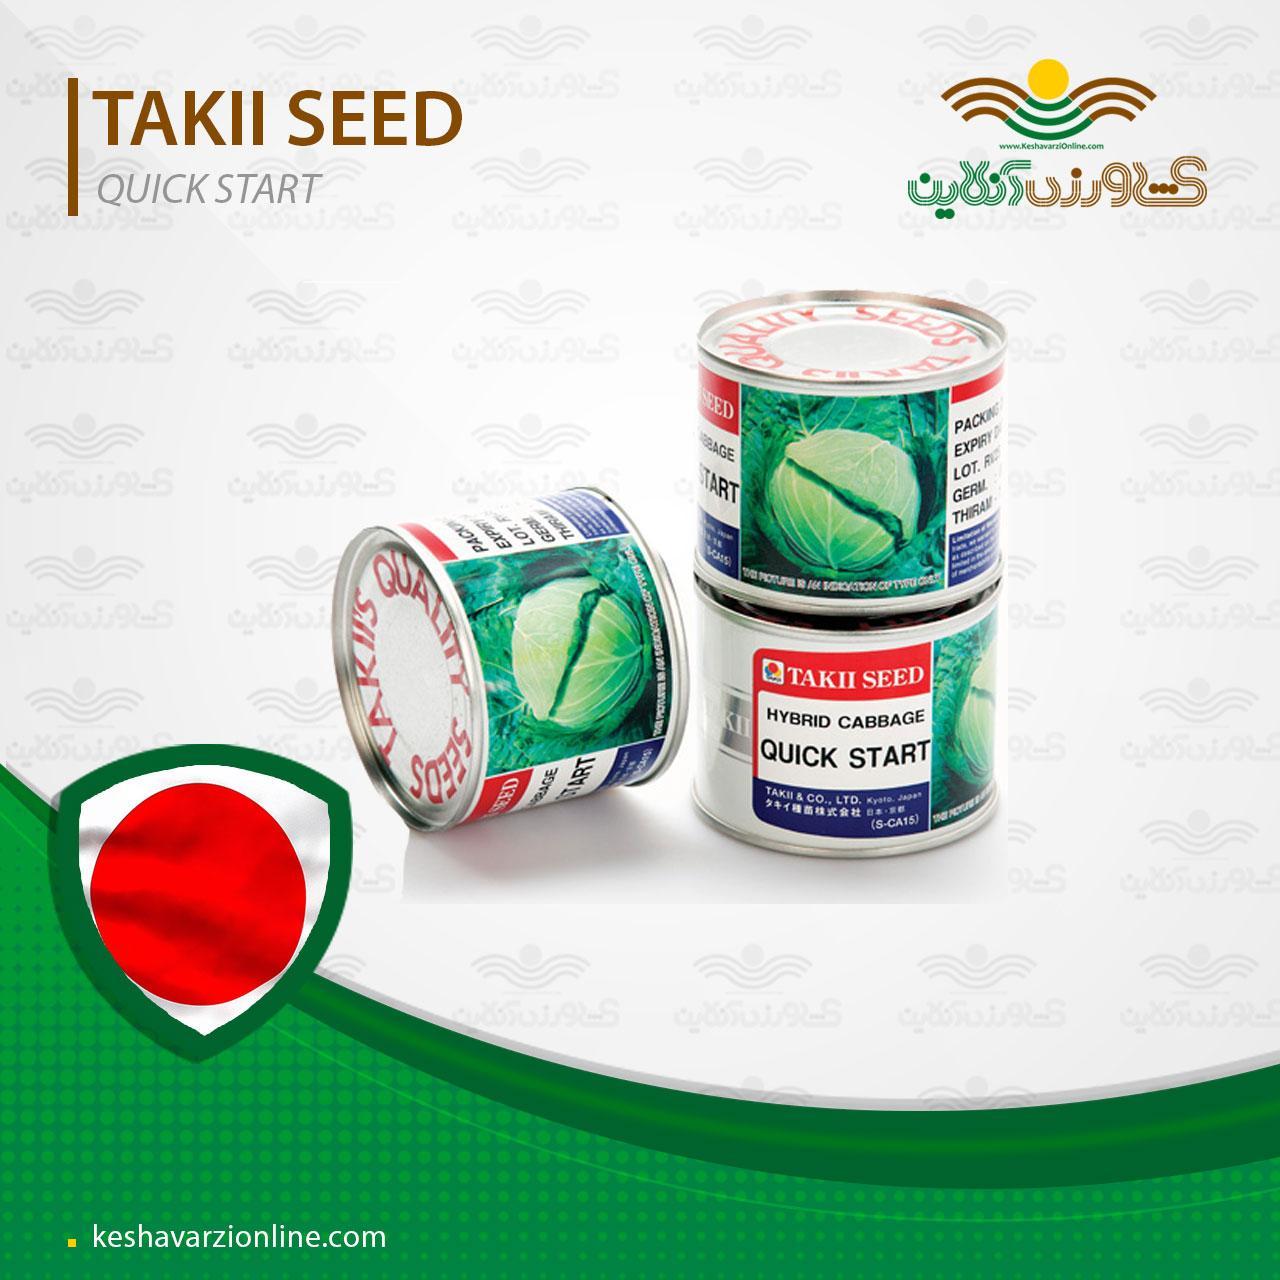 بذر کلم برگ کوییک استارت تاکی ژاپن